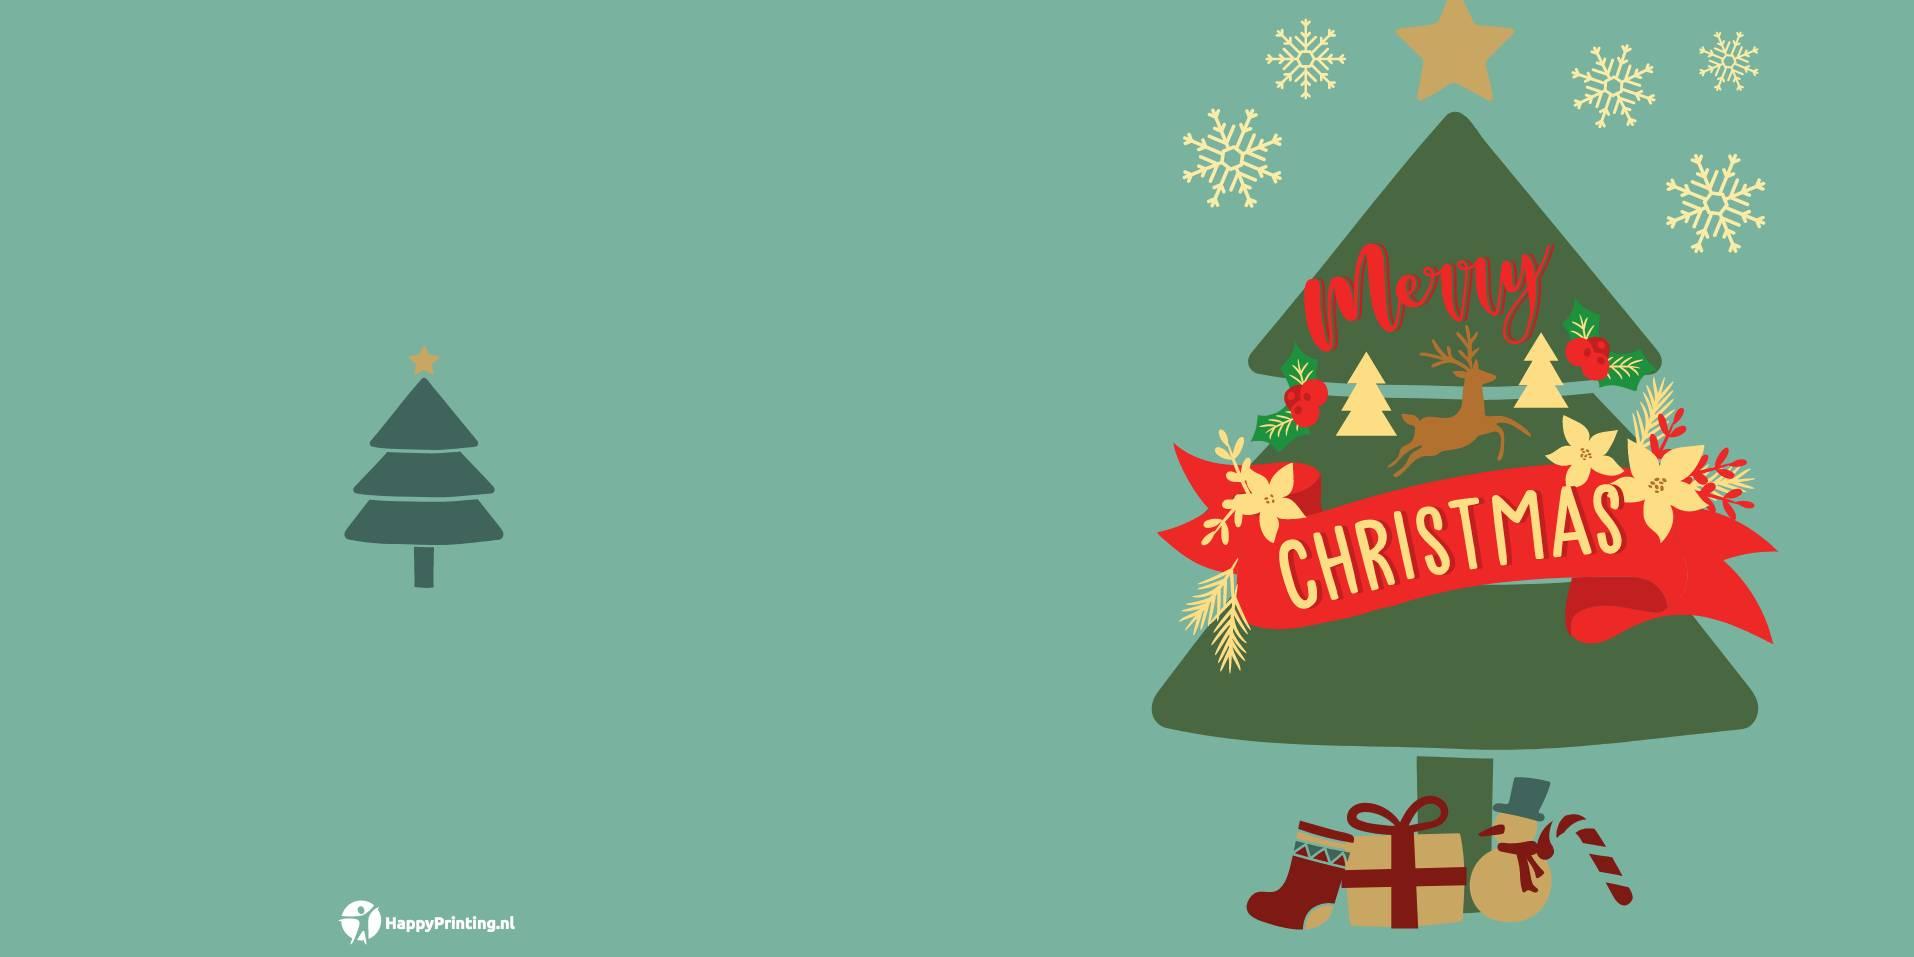 Persoonlijk _ Kerst 025 _ P